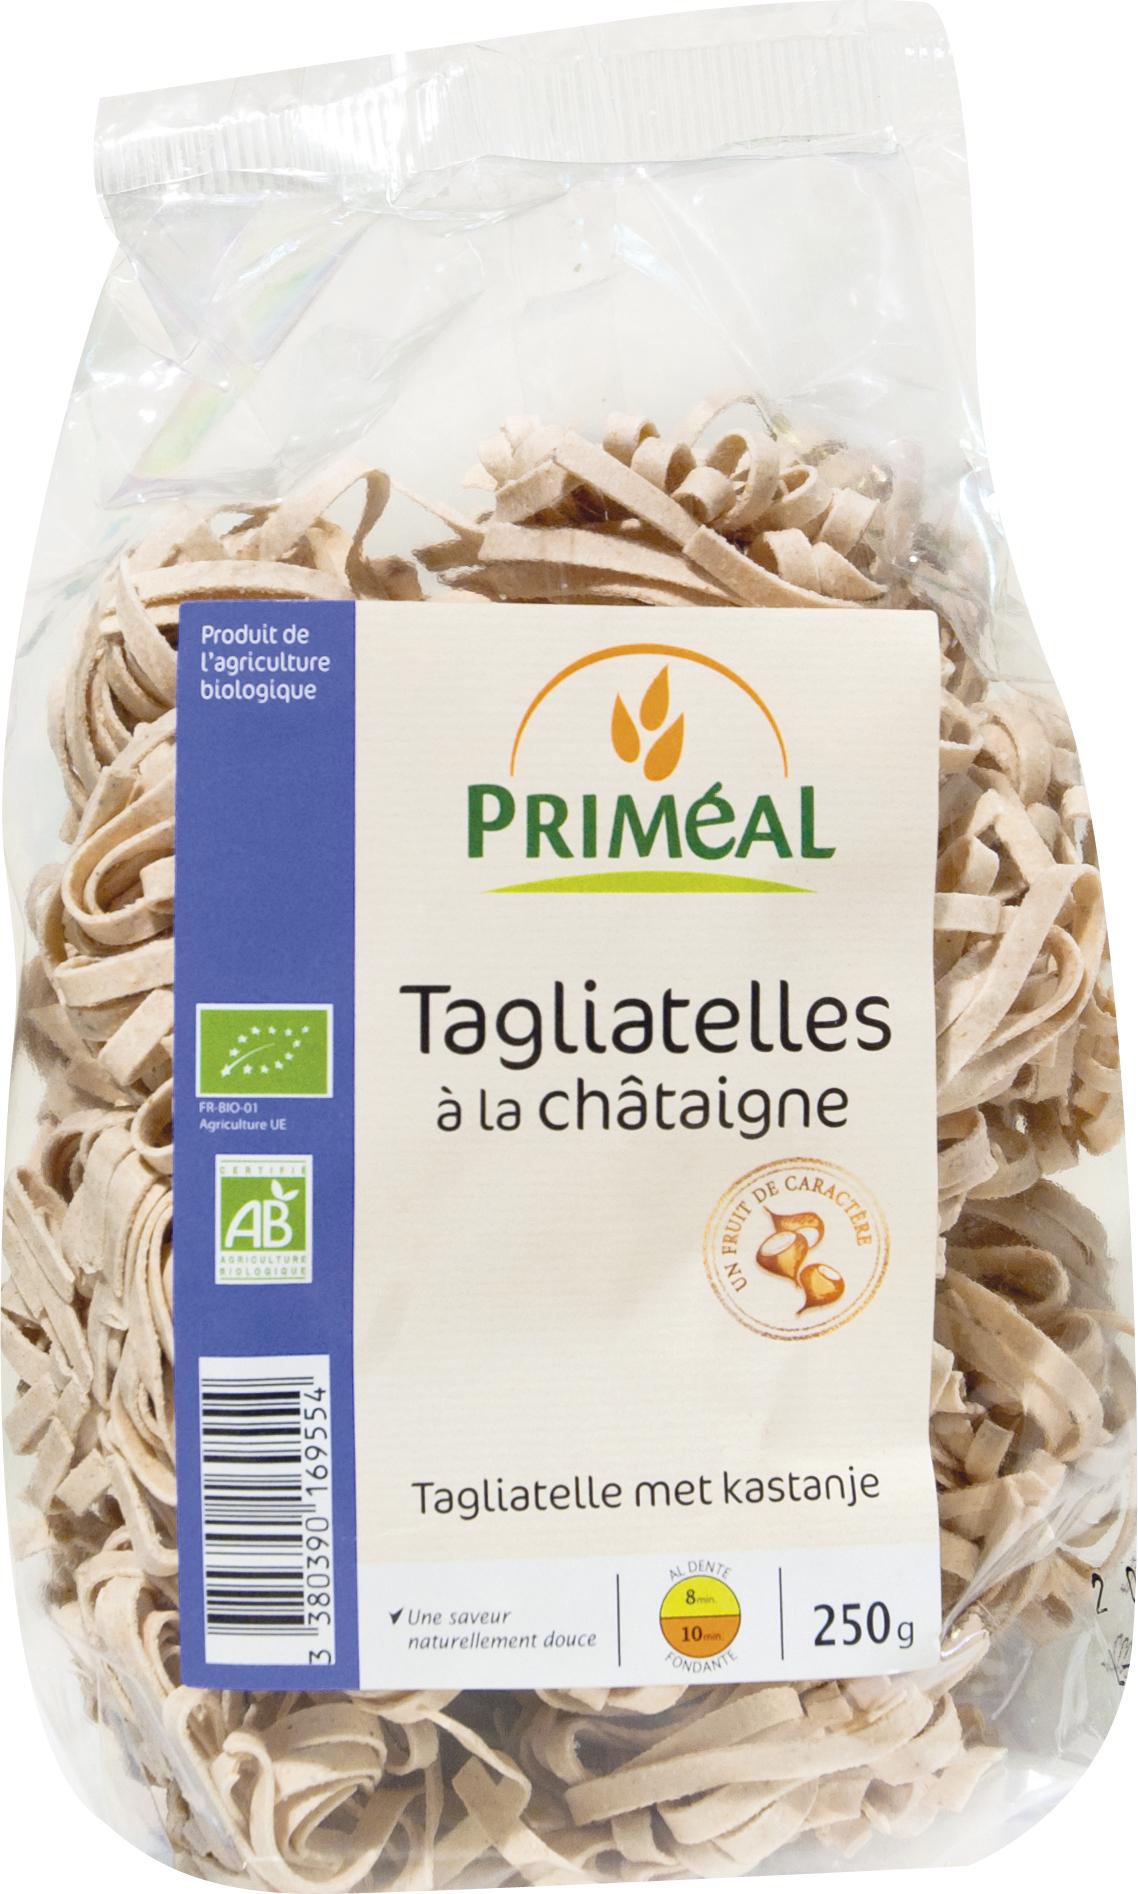 primeal_bio_tagliatelles_chataigne_250g